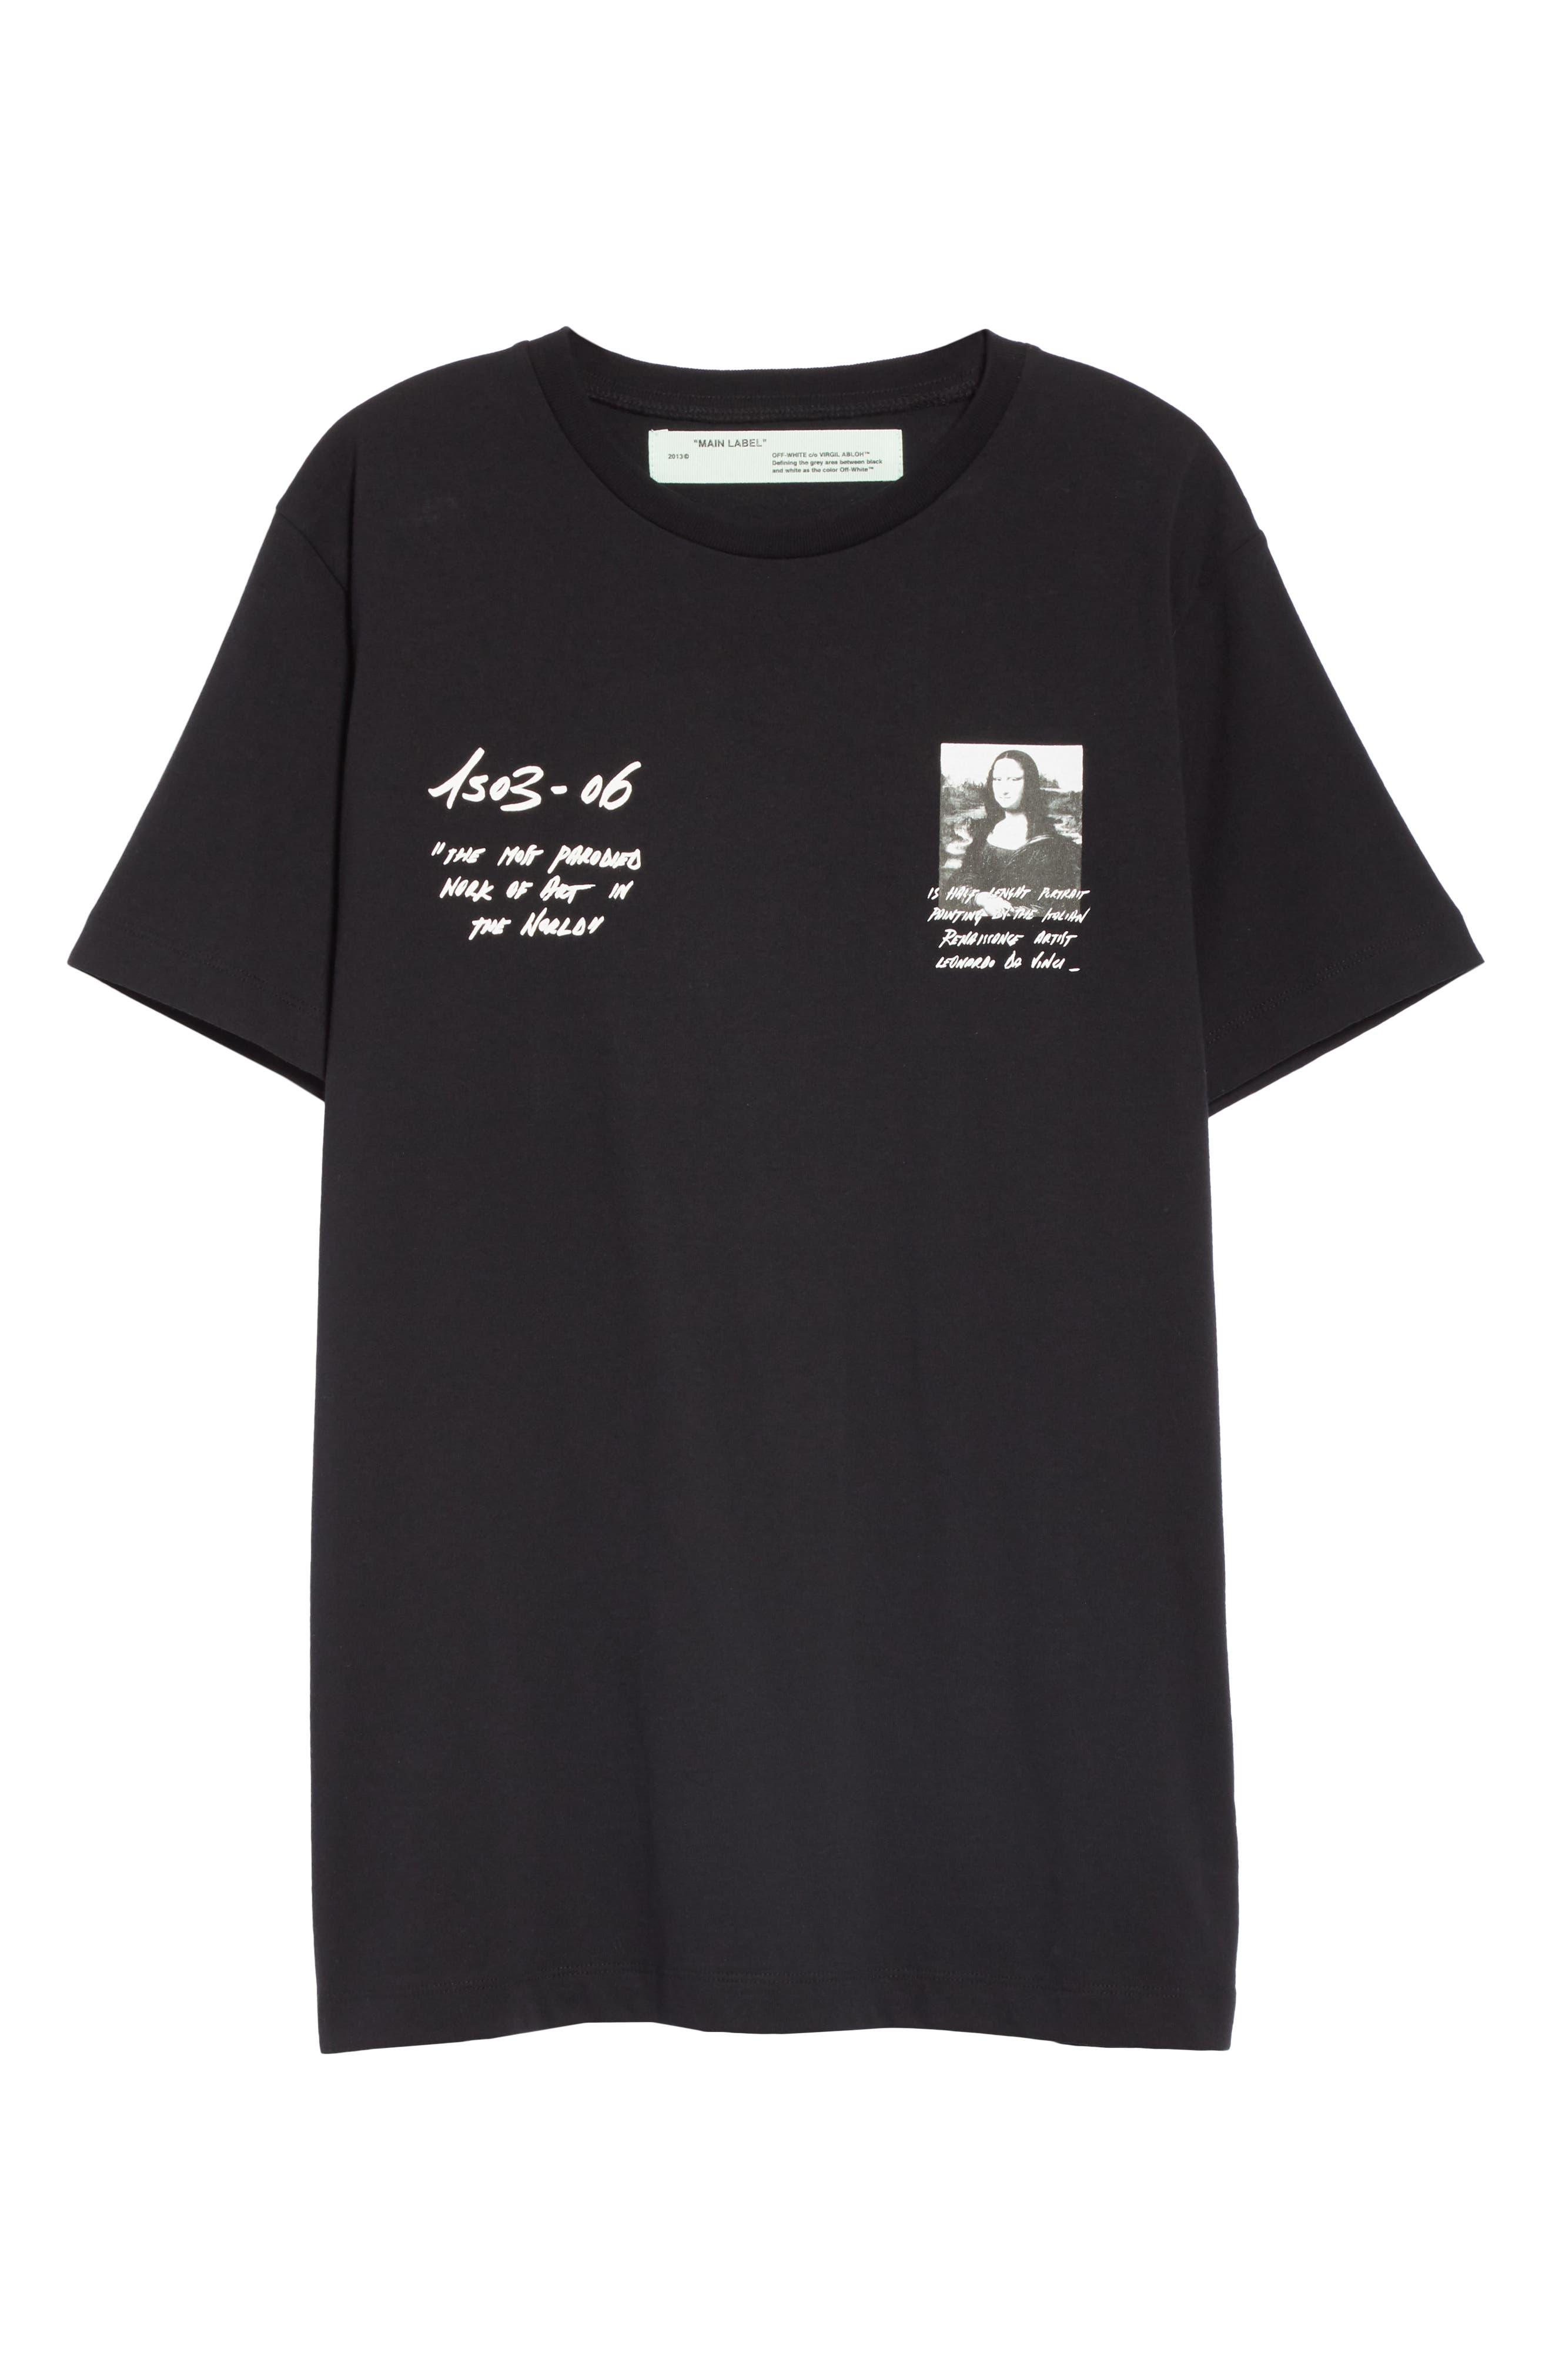 OFF-WHITE,                             Mona Lisa Sign Short Sleeve Slim Tee,                             Alternate thumbnail 6, color,                             BLACK RED